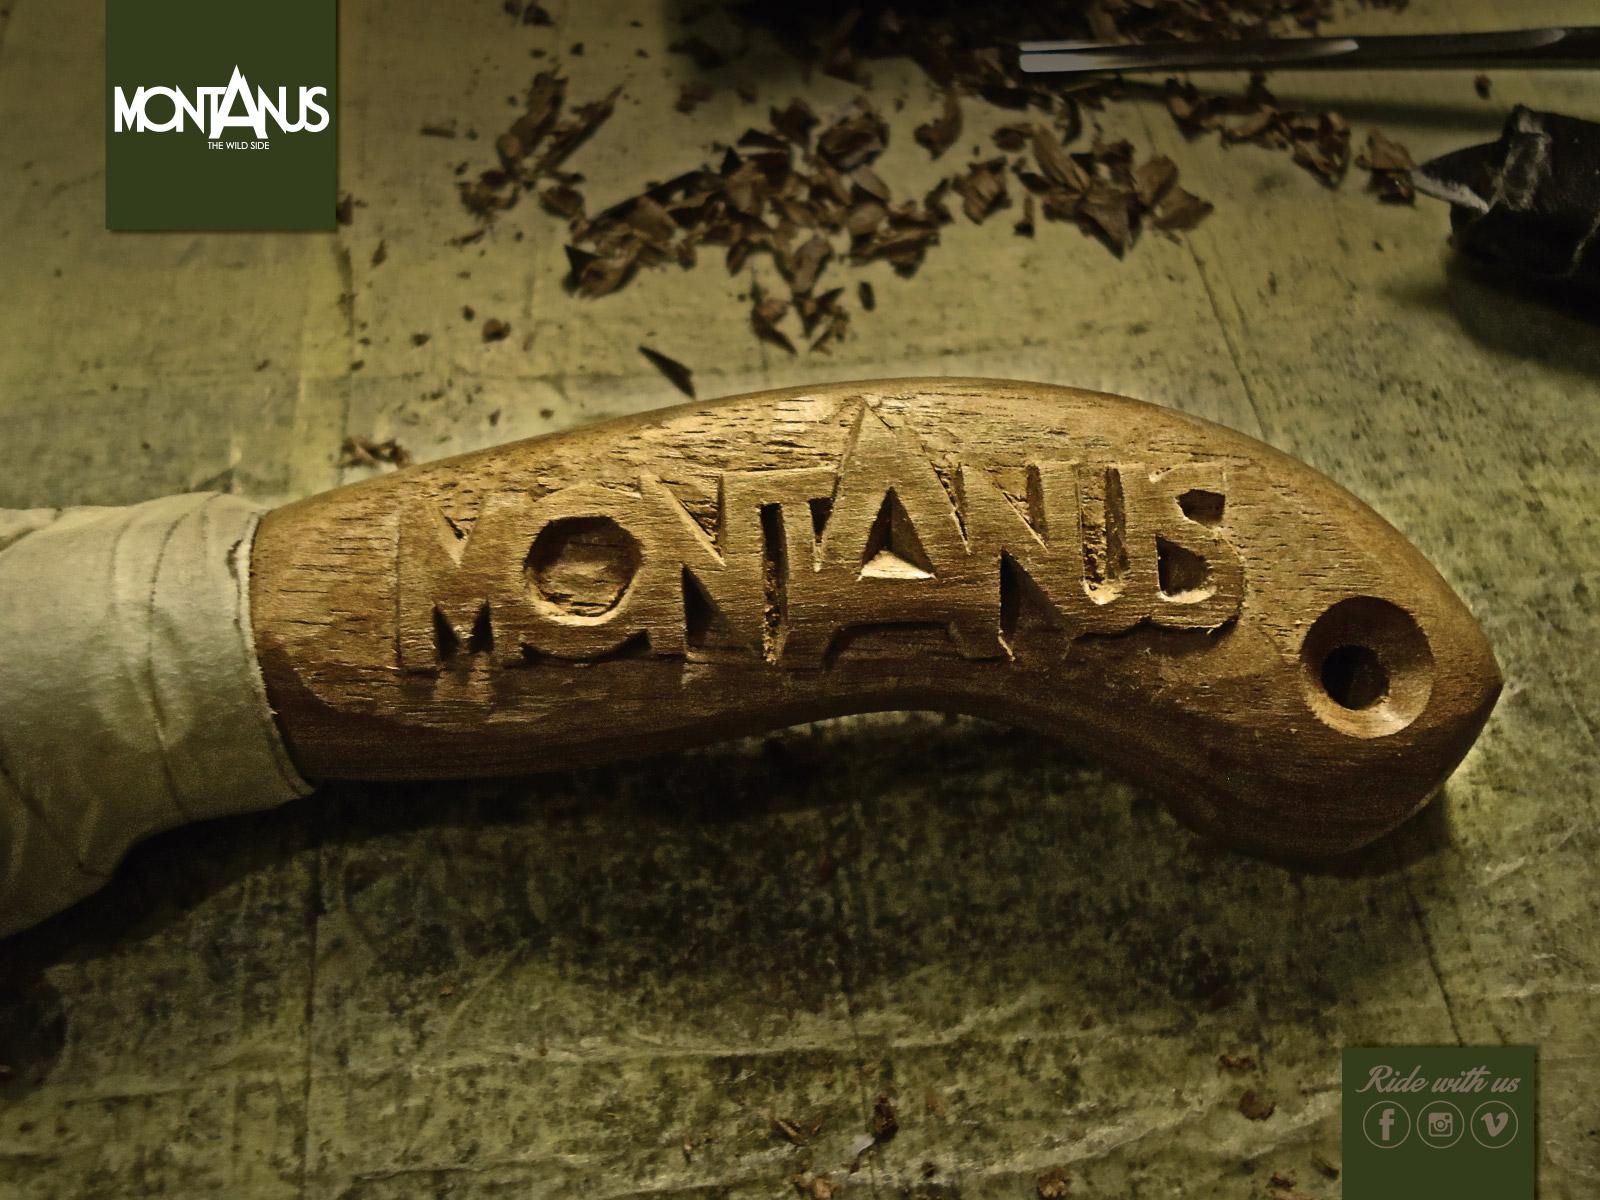 Montanus_2.jpg